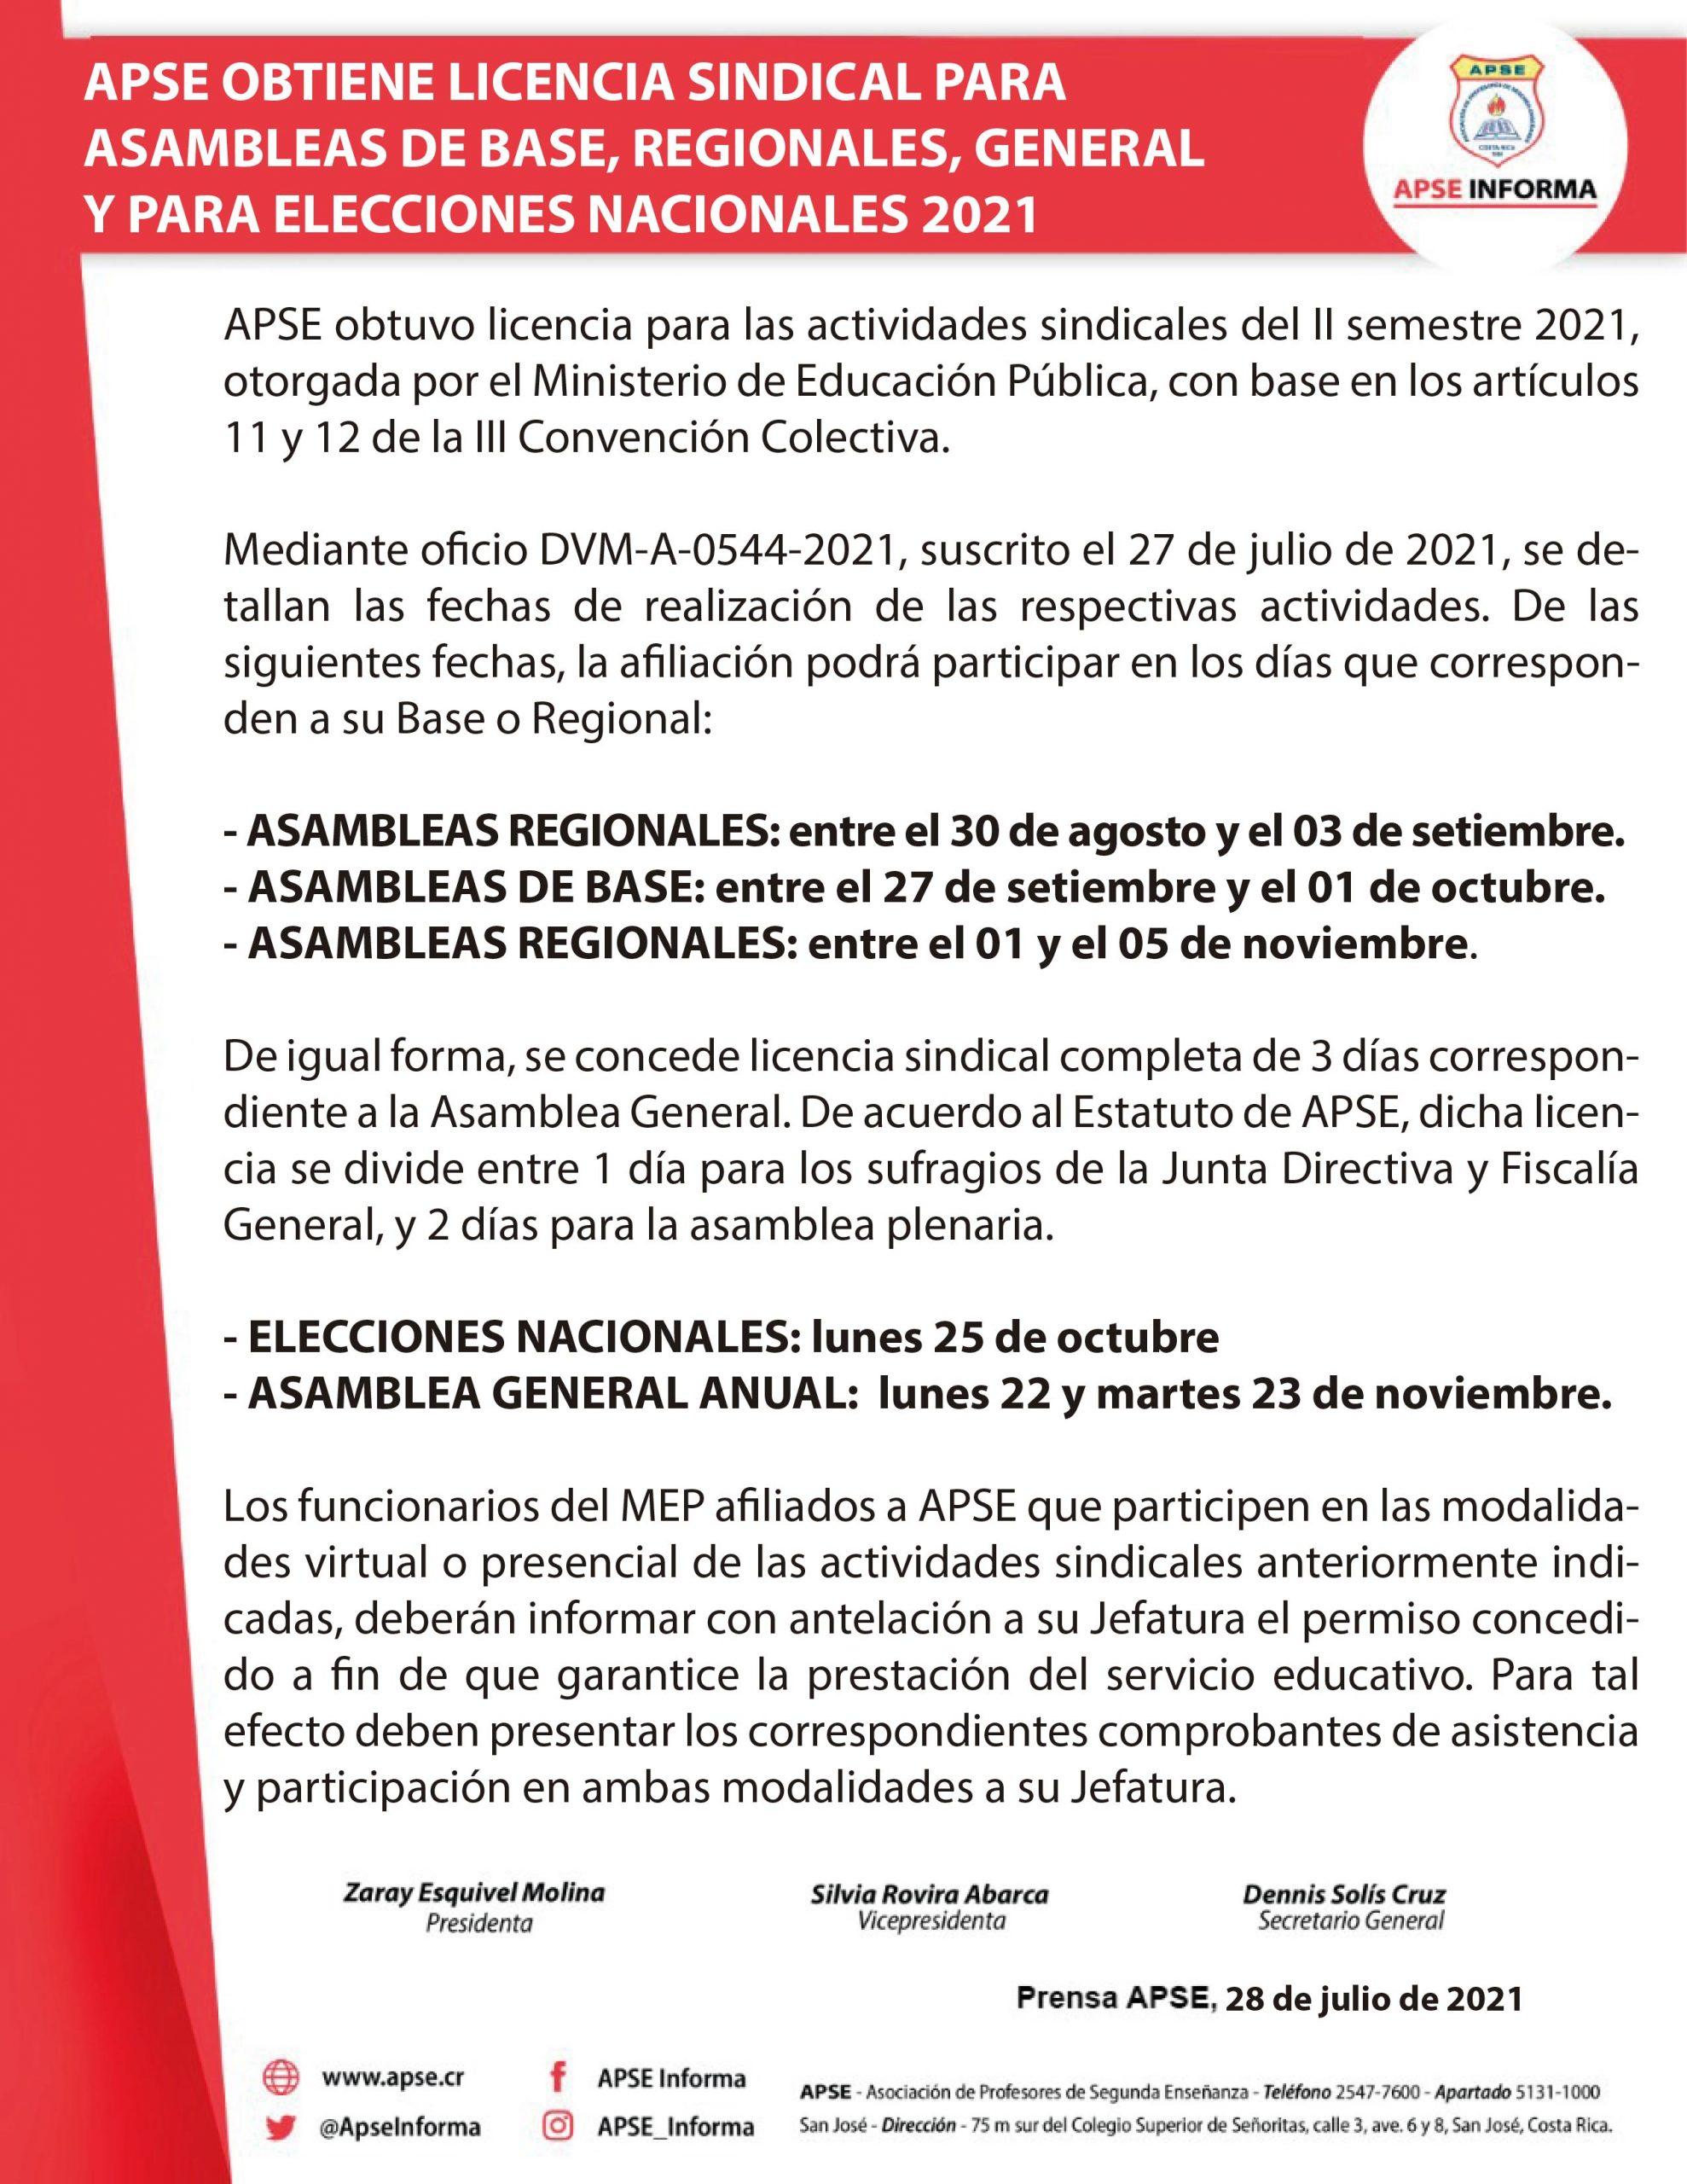 APSE OBTIENE LICENCIA SINDICAL PARA ASAMBLEAS DE BASE, REGIONALES, GENERAL Y PARA ELECCIONES NACIONALES 2021